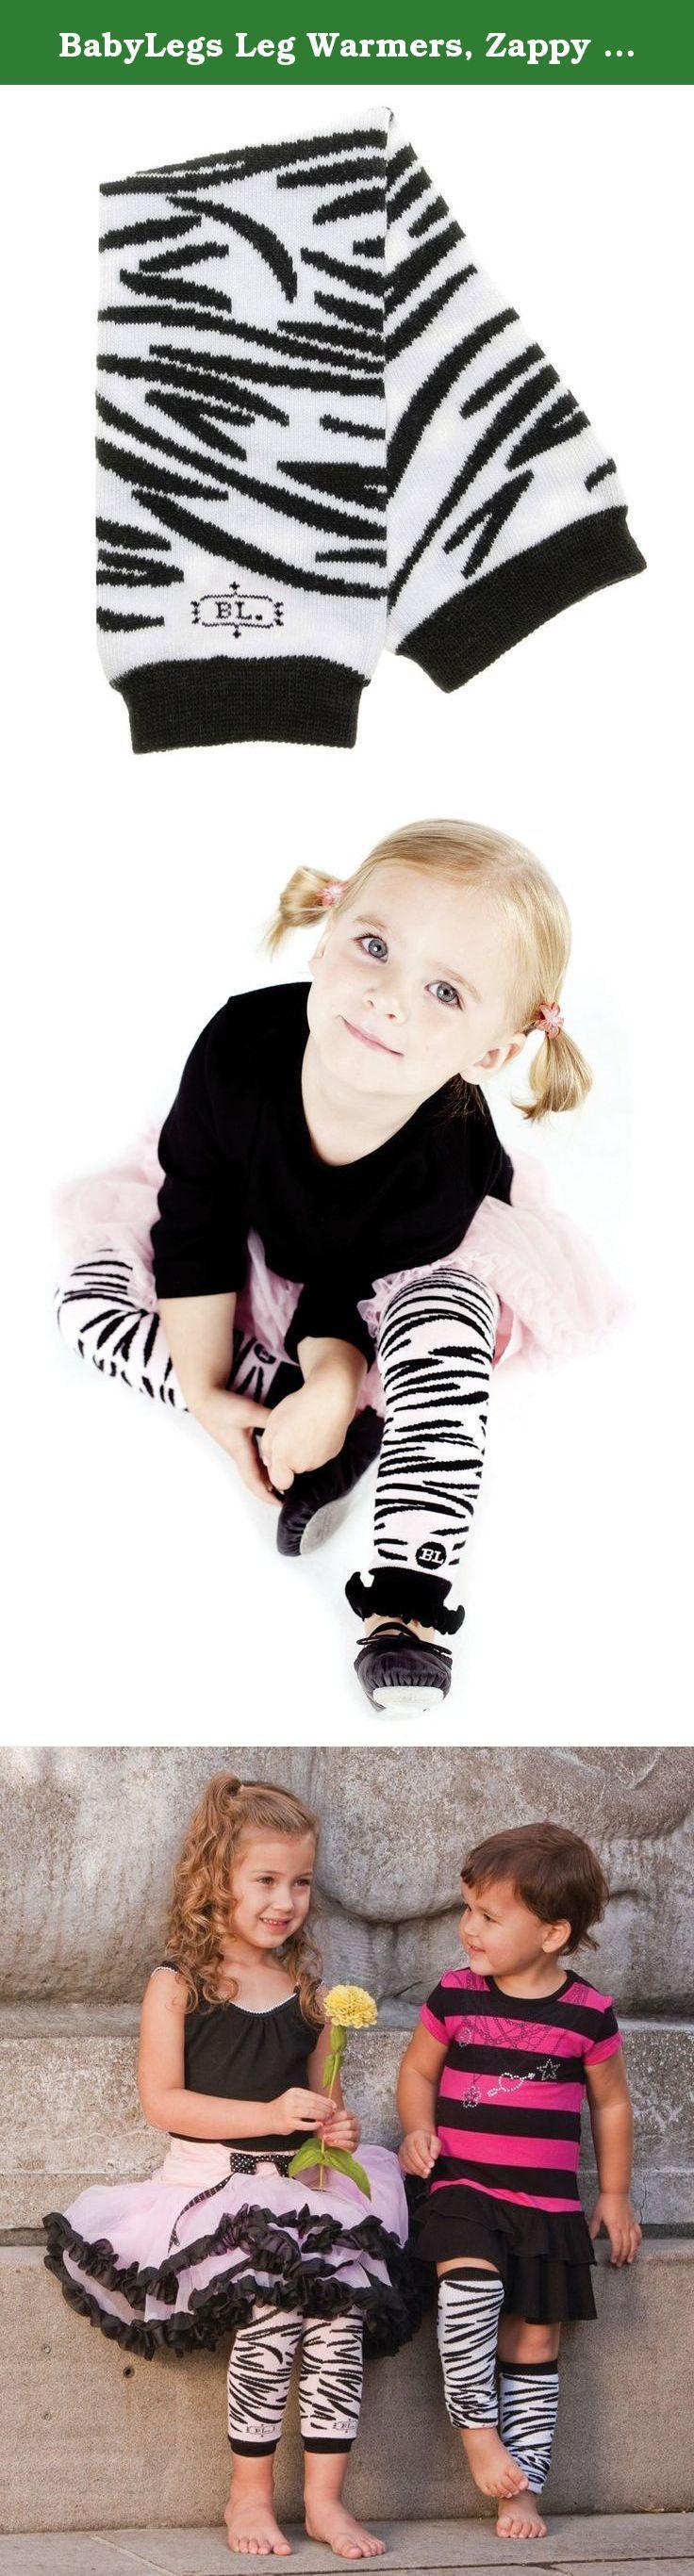 BabyLegs Leg Warmers, Zappy Zebra. BabyLegs Zappy Zebra Leg Warmers .